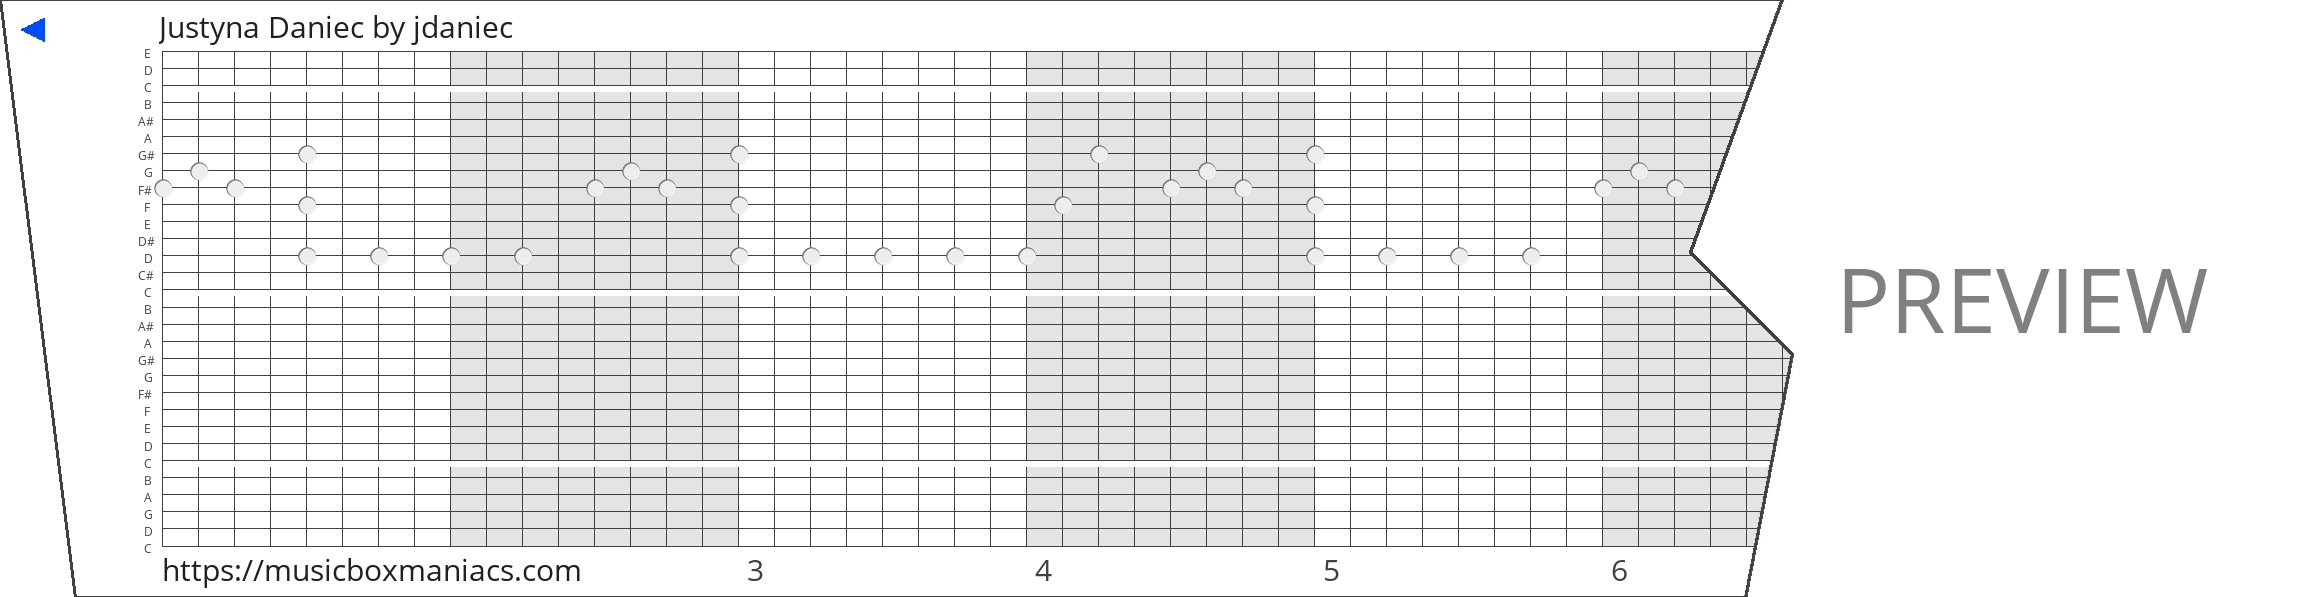 Justyna Daniec 30 note music box paper strip